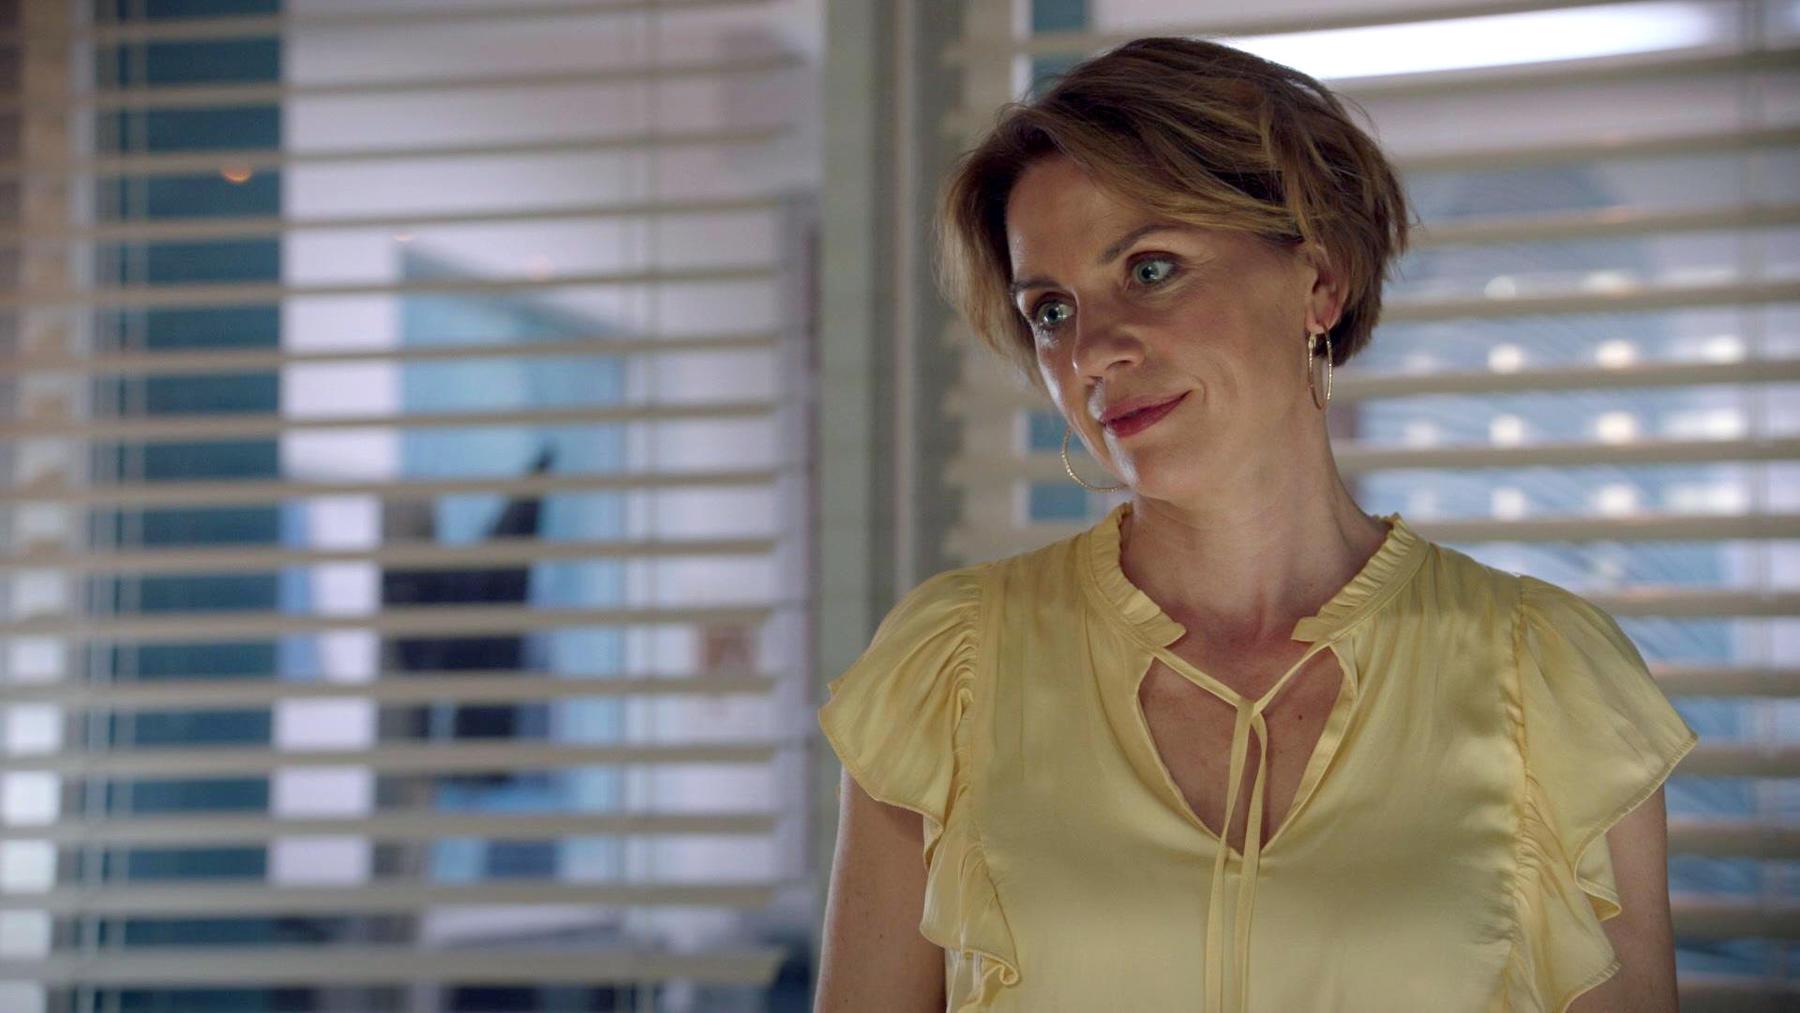 Yvonne merkt, dass sie Laura vorschnell verurteilt hat